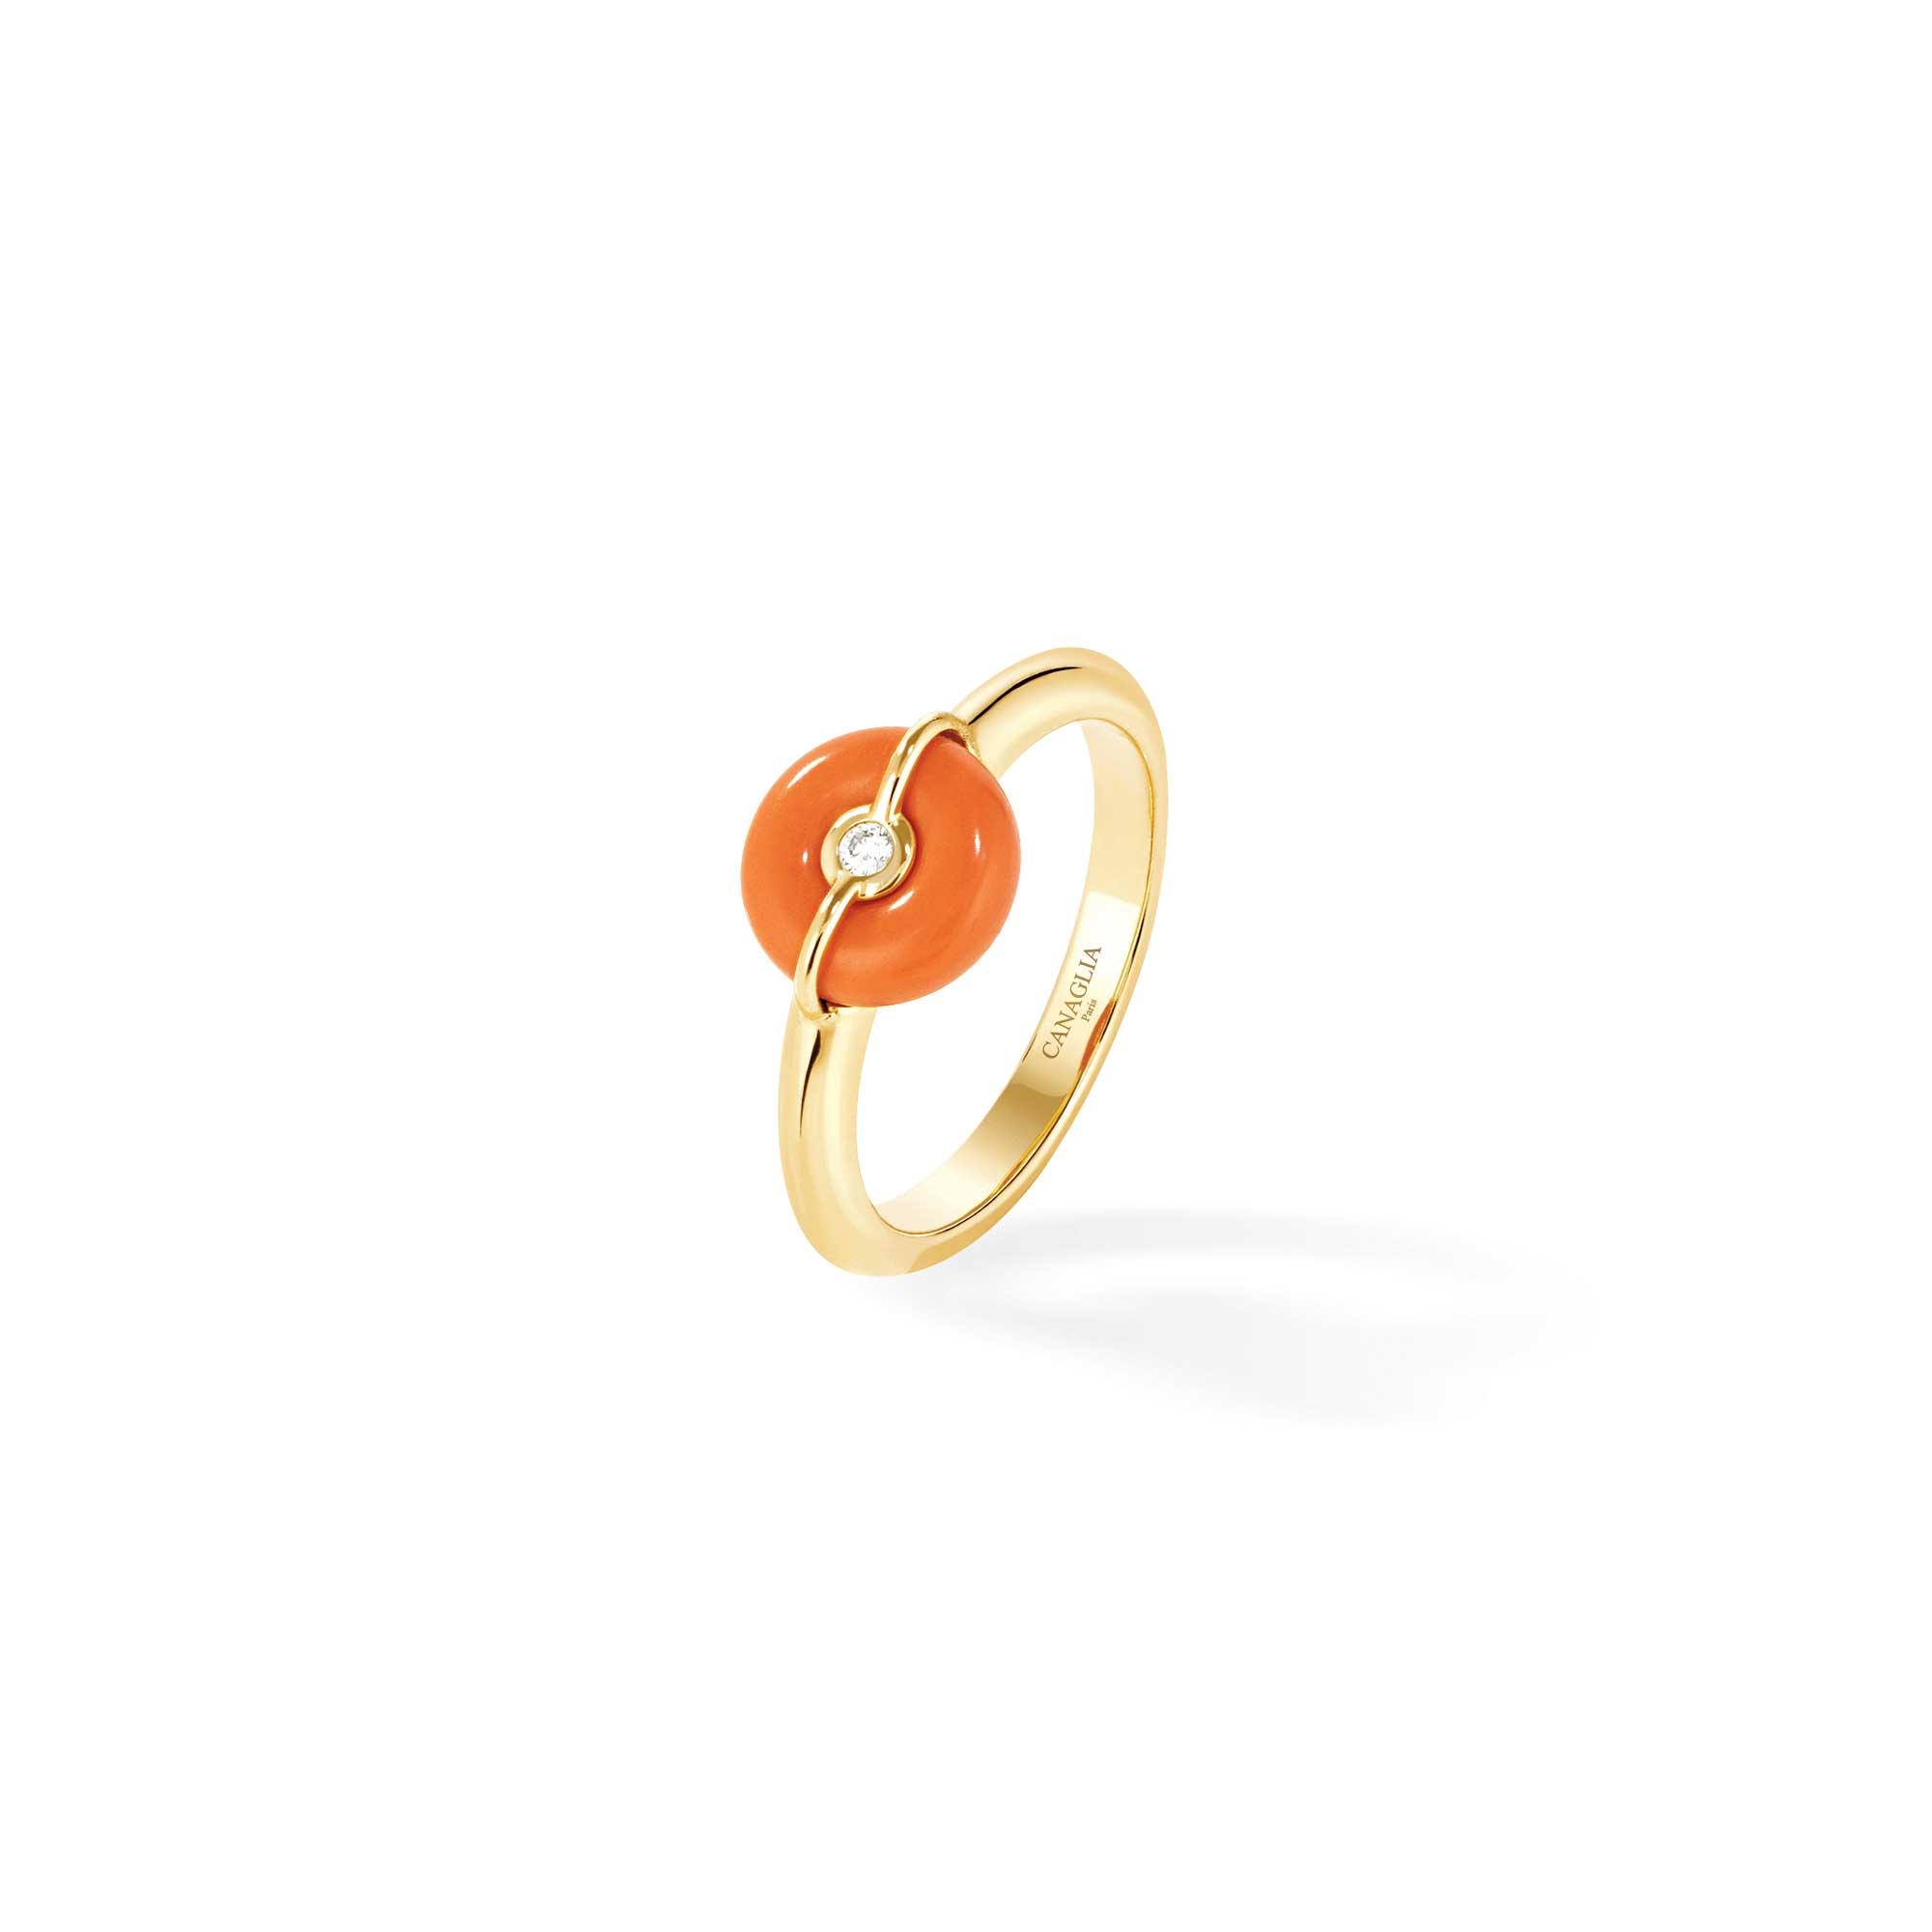 bague jonc or jaune 1 bouée corail et diamants - joaillerie canaglia paris-milan